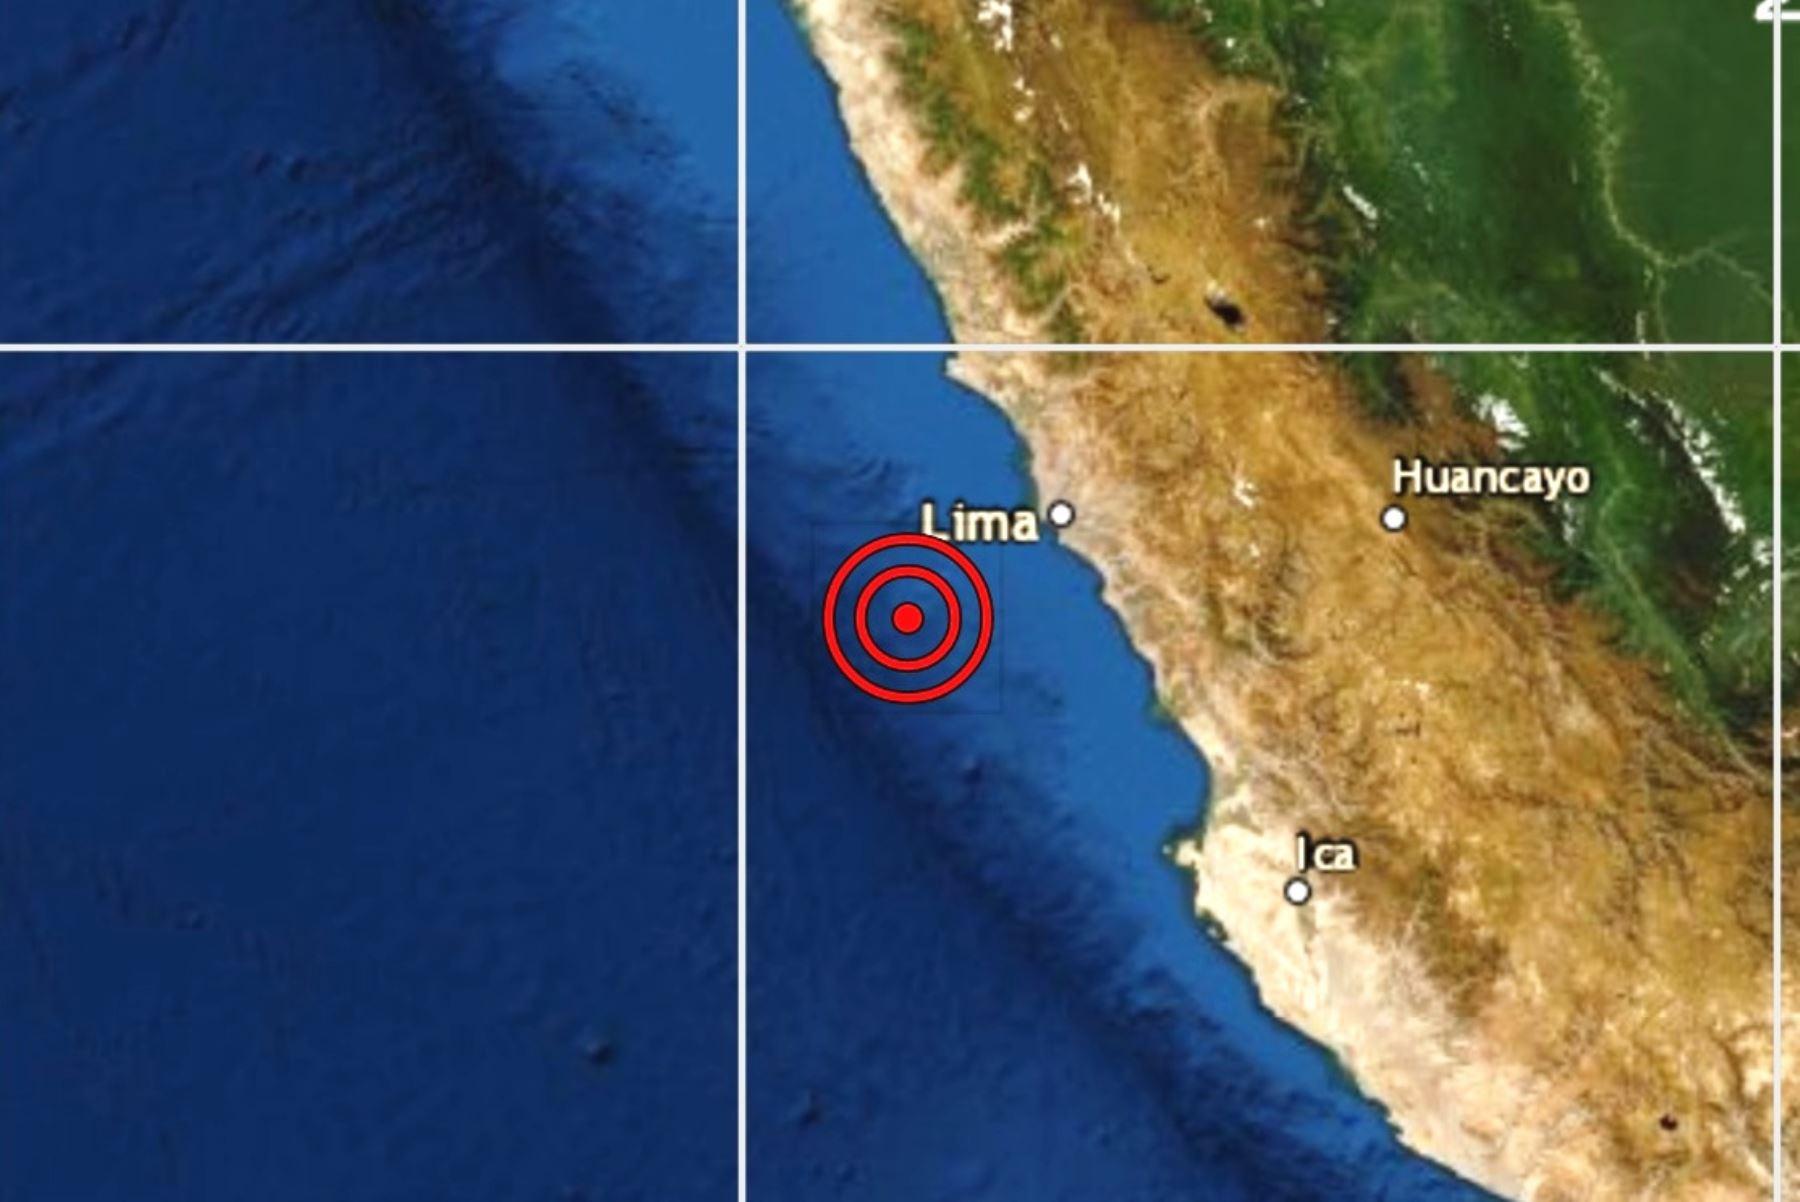 Un sismo de magnitud 4.7 se registró en el Callao. Foto: ANDINA/Difusión.